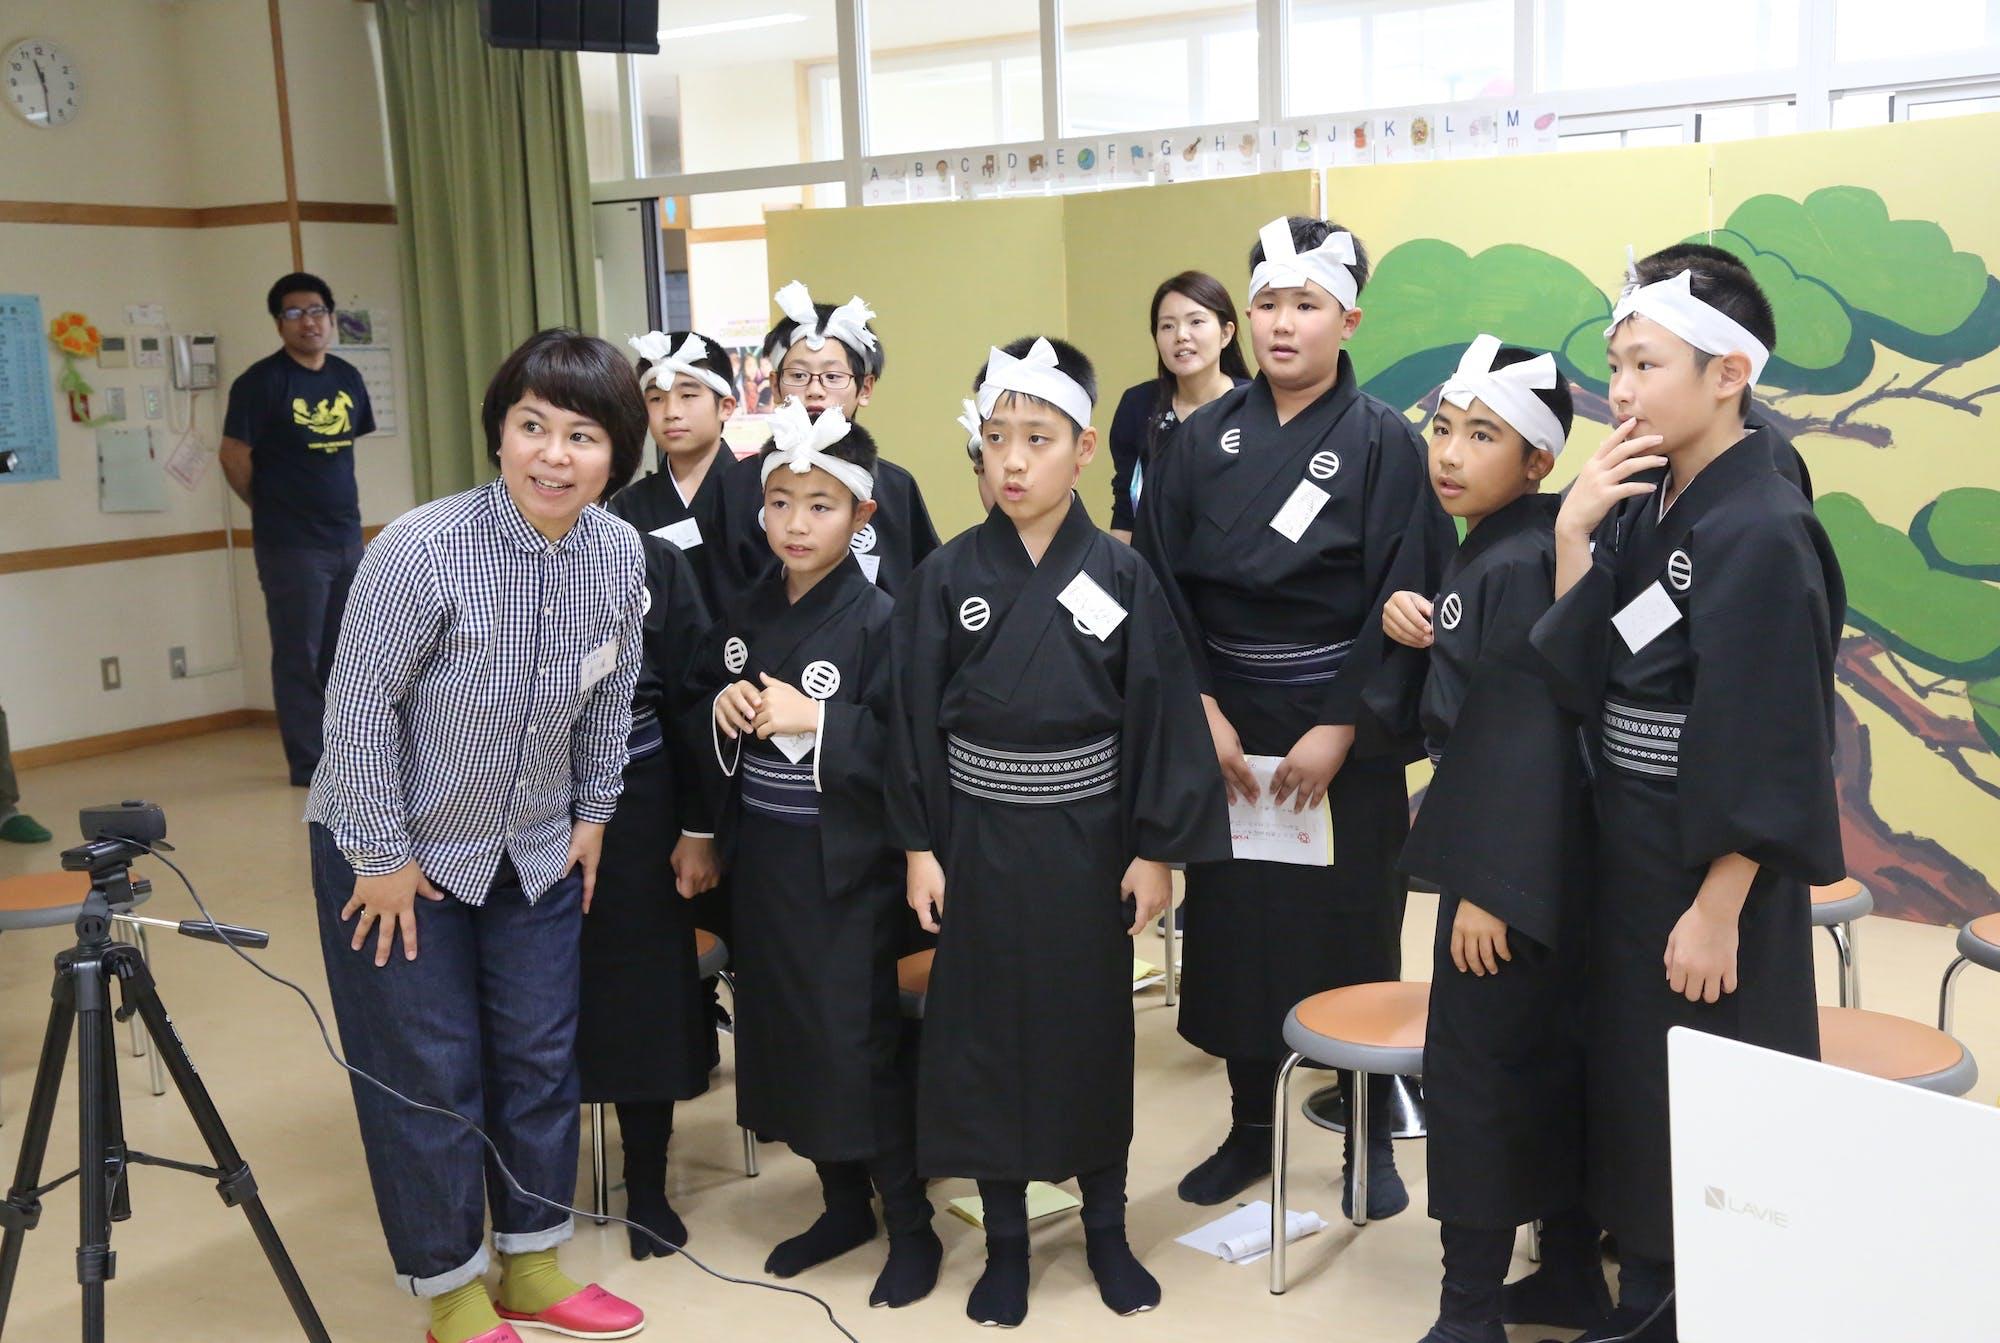 伊江小学校×坂元小学校 子ども芸能交流会 photo:當麻妙